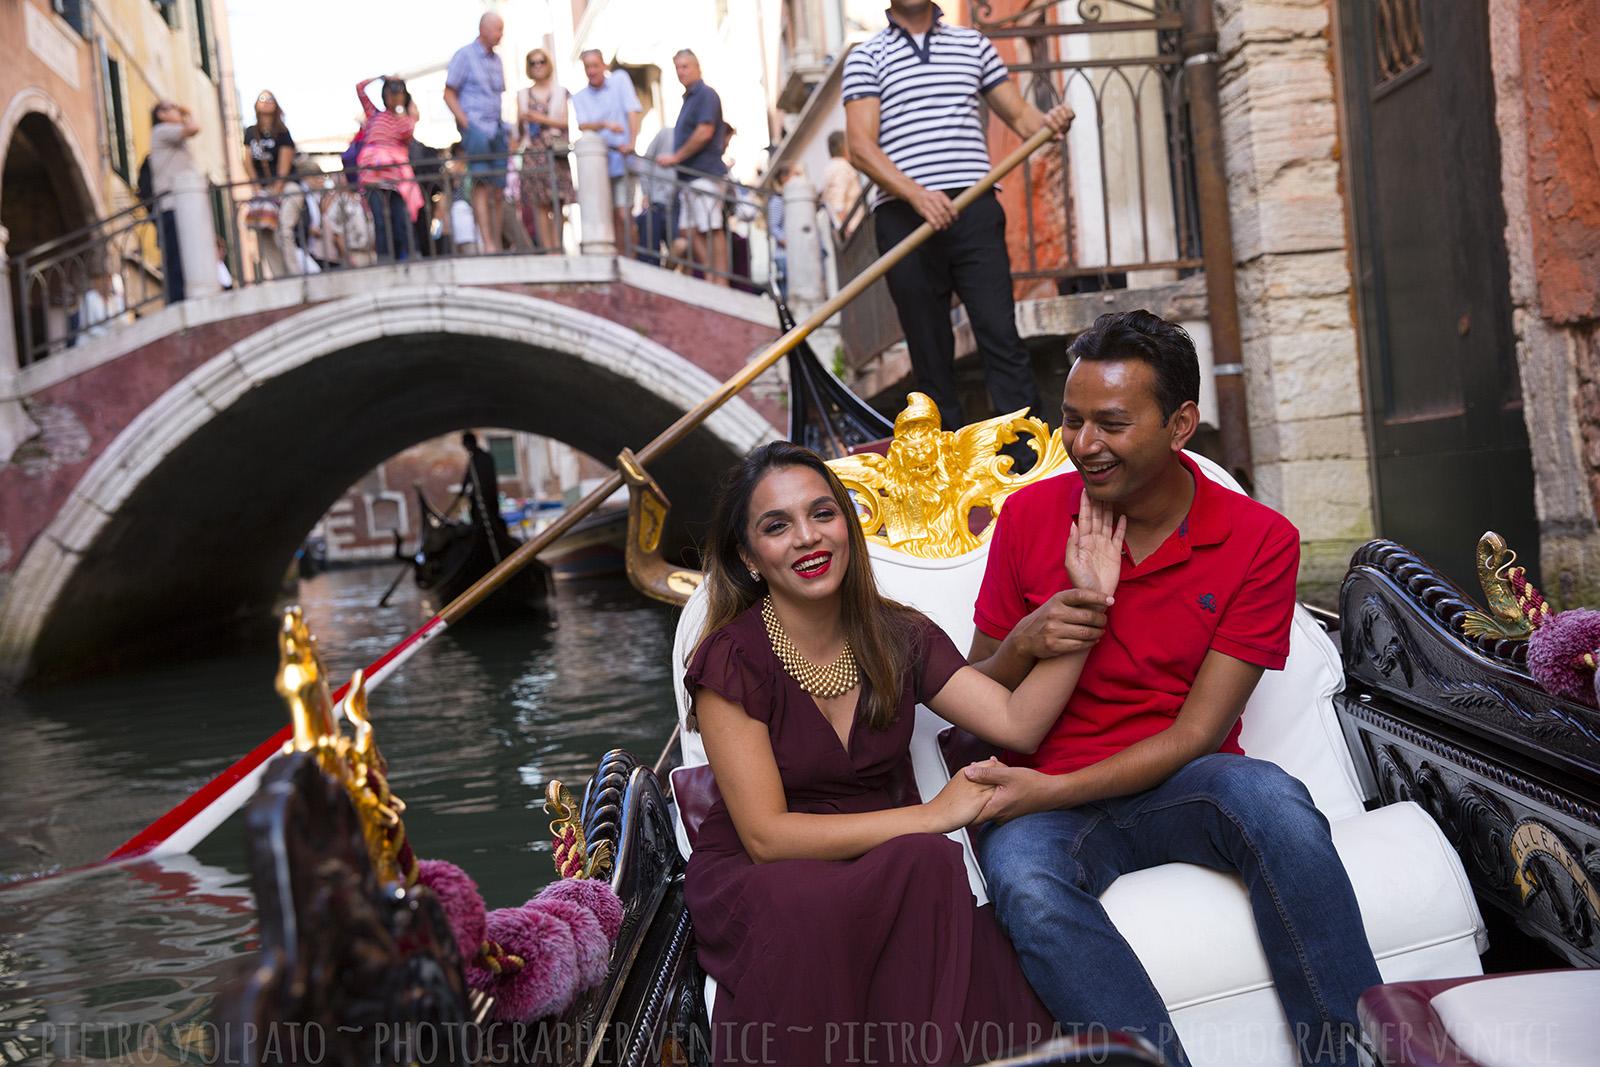 Il fotografo a Venezia per servizio foto vacanza ~ Foto romantiche e divertenti per coppie durante una passeggiata e un giro in gondola